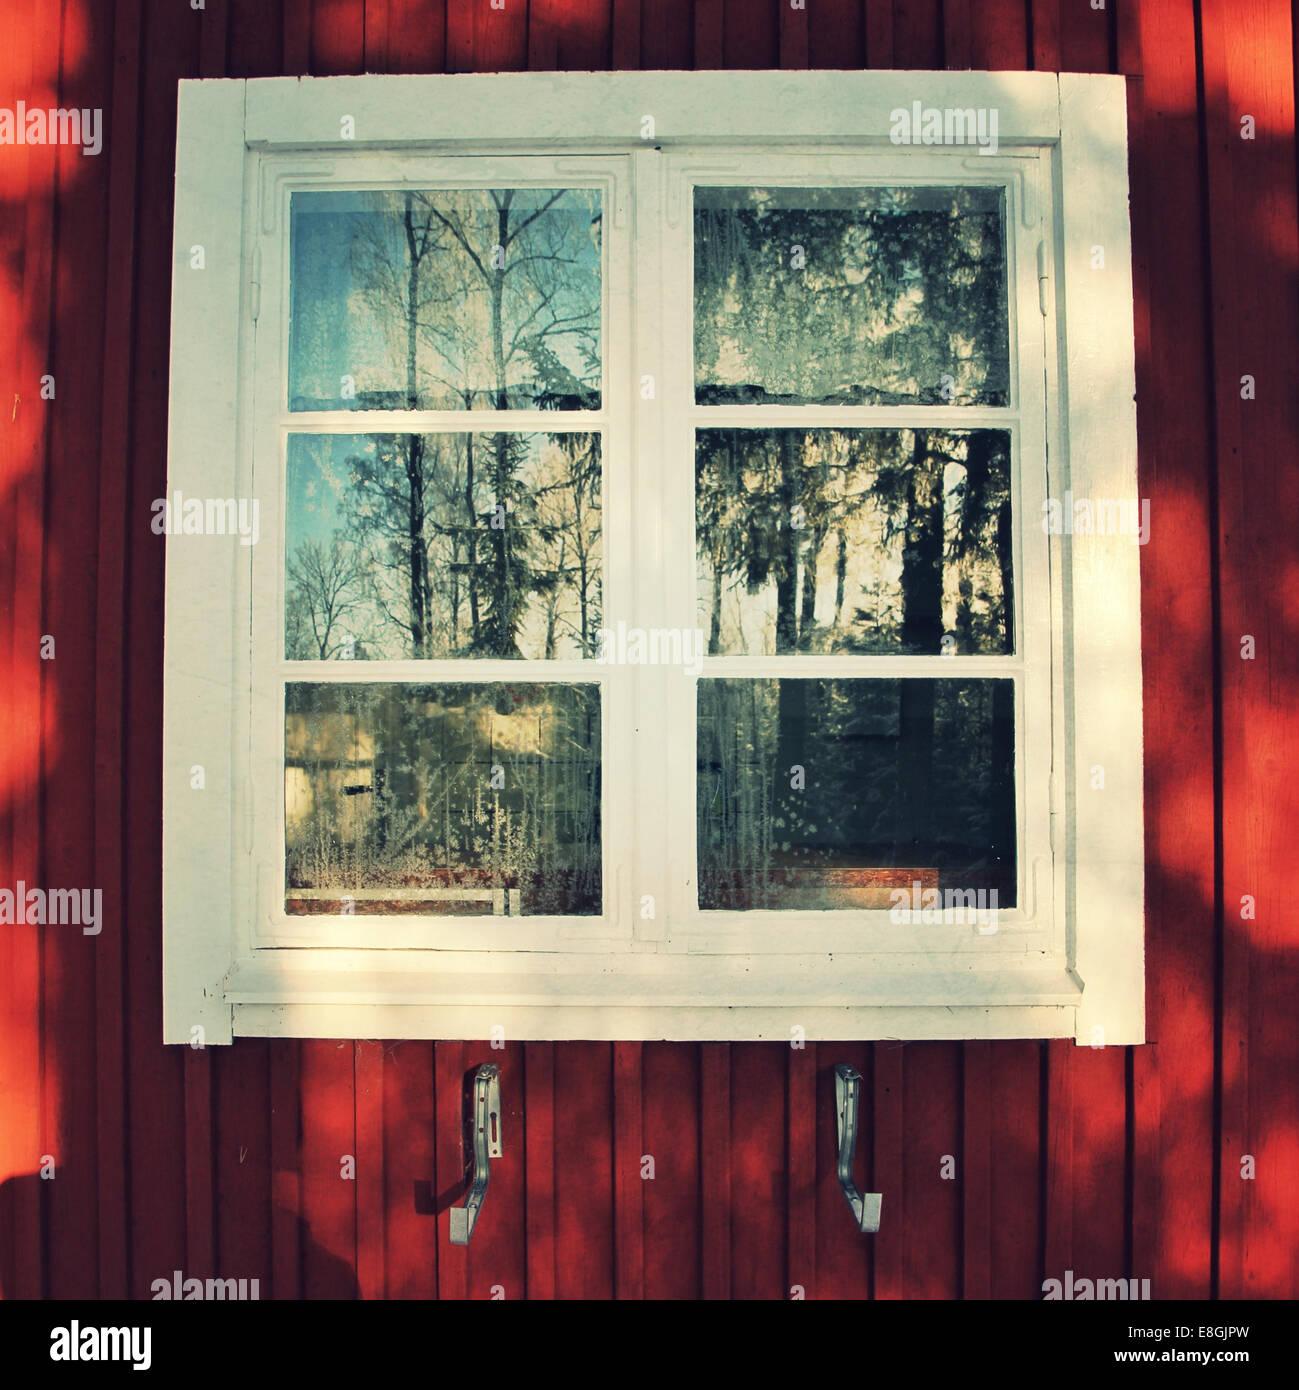 Ventana con reflexión de árbol Imagen De Stock